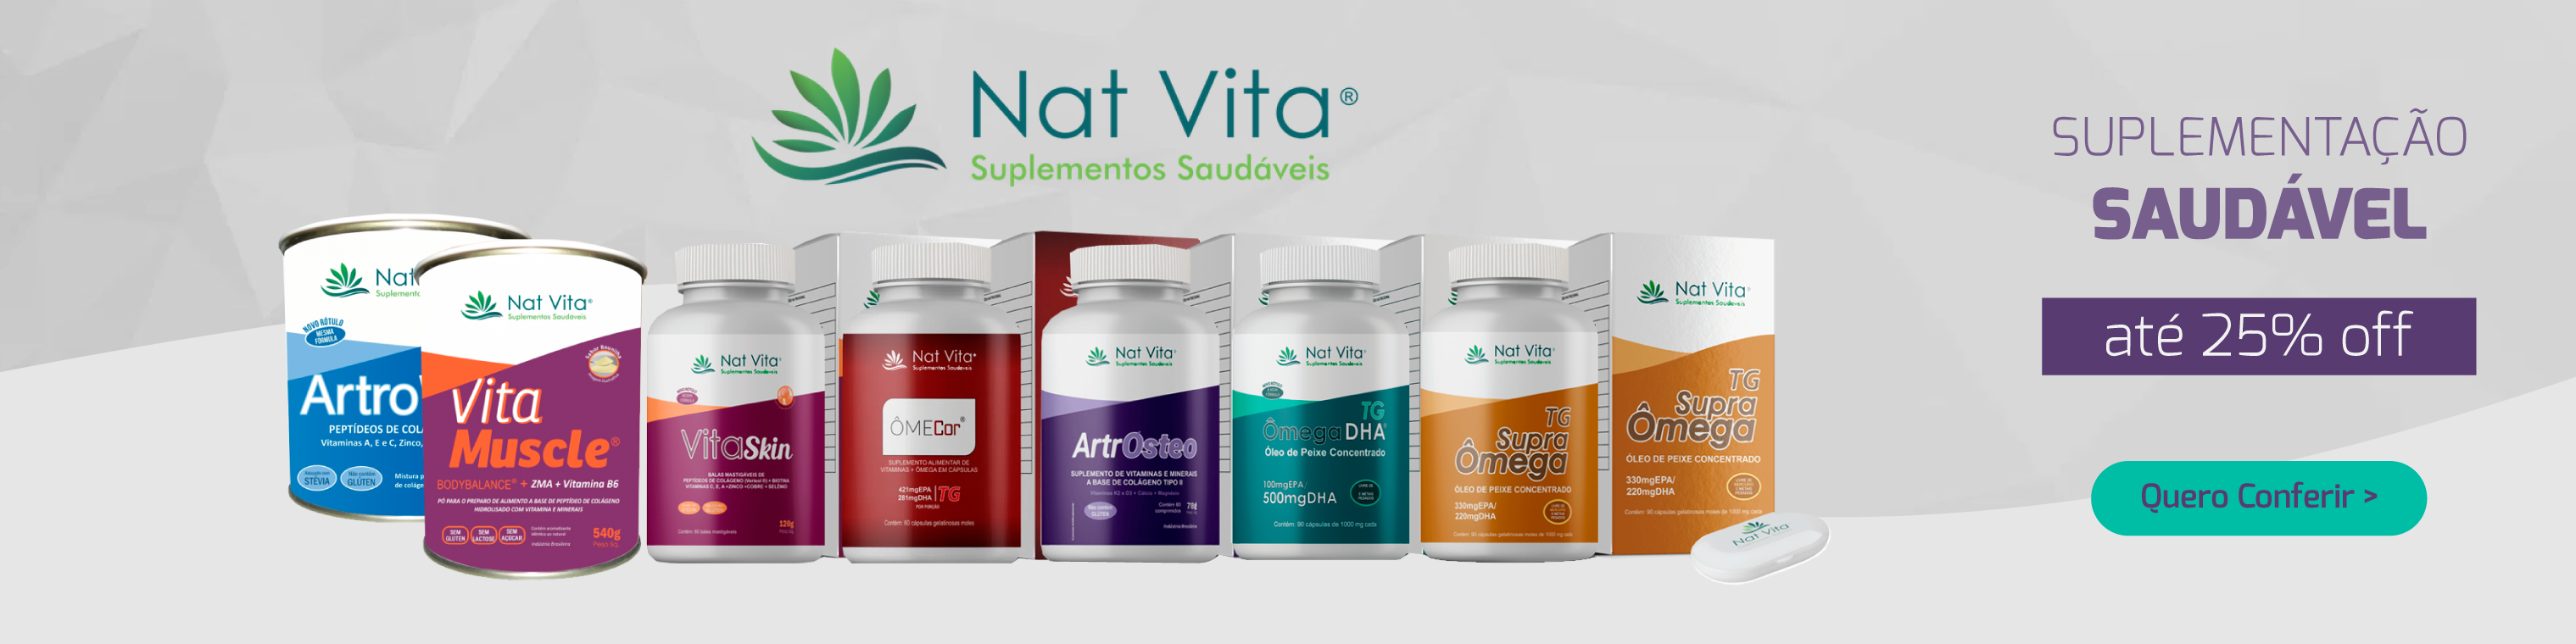 Nat Vita